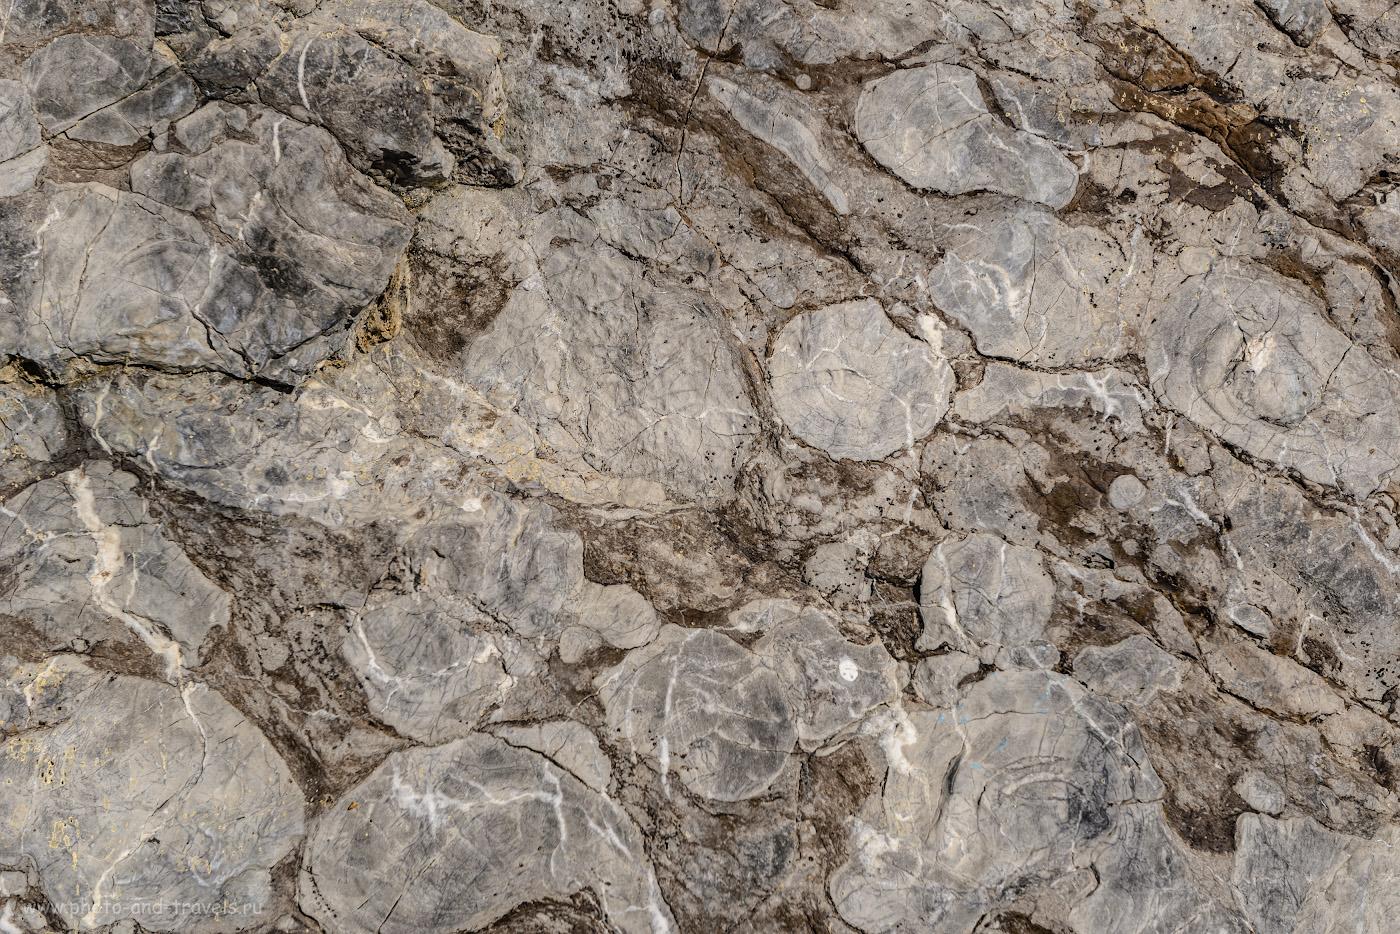 Фотография 30. Окаменелые ракушки в скале Зотинской пещеры. 1/160, +0.67, 6.3, 100, 60.